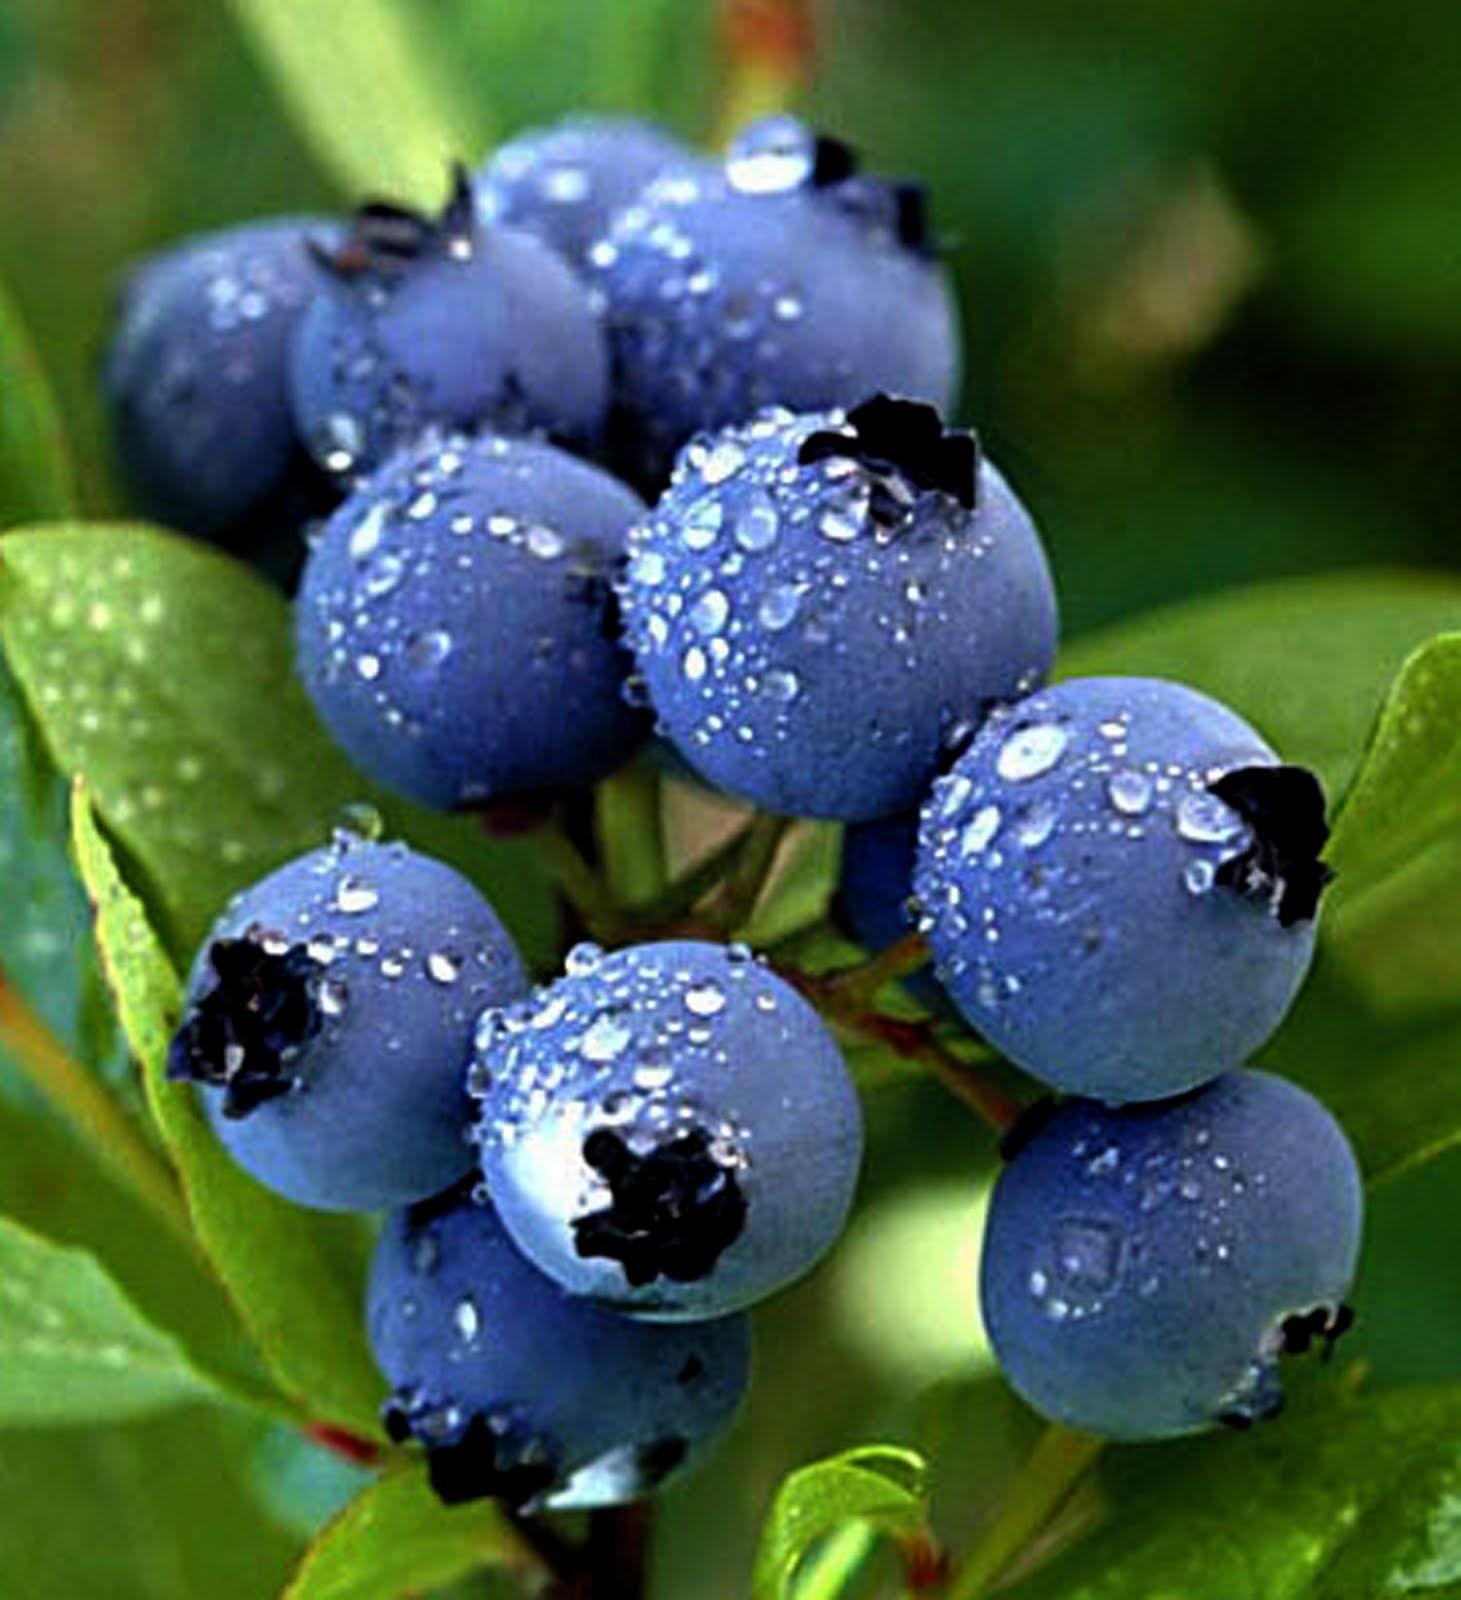 Blueberries Freshly Picked Blue Growing Blueberries